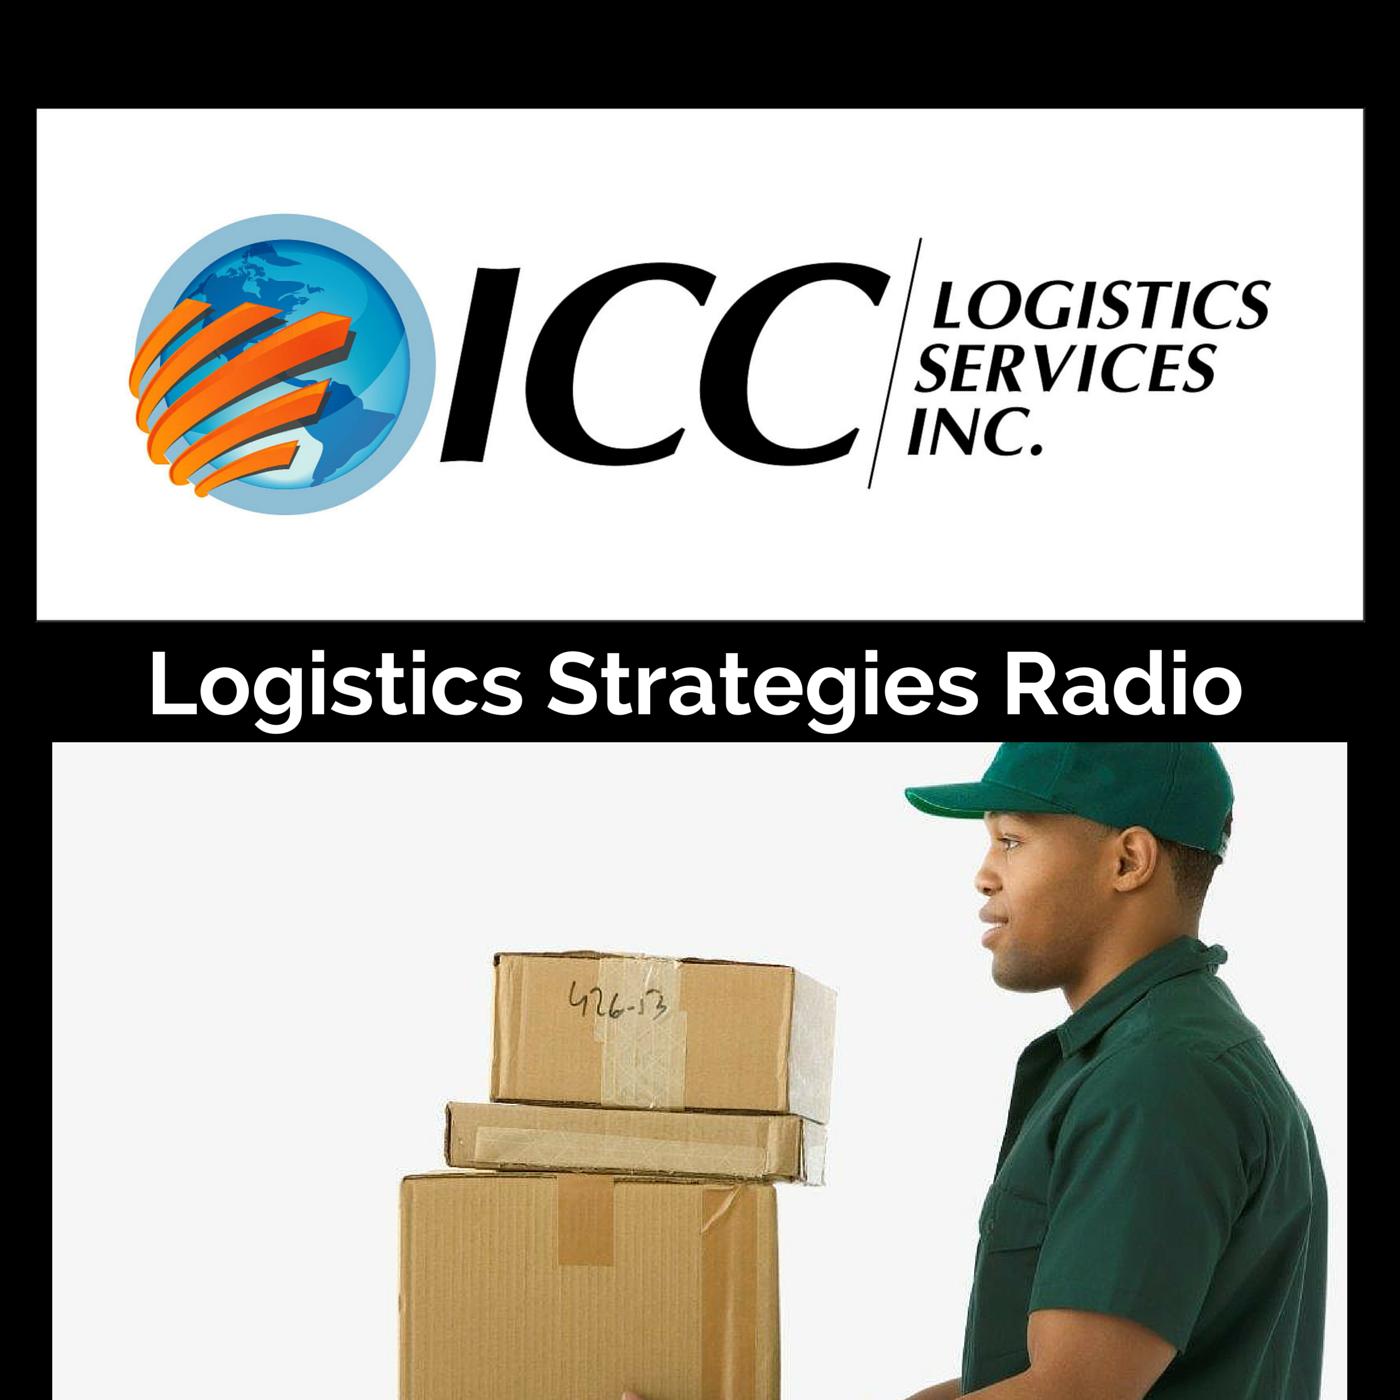 ICC Logistics